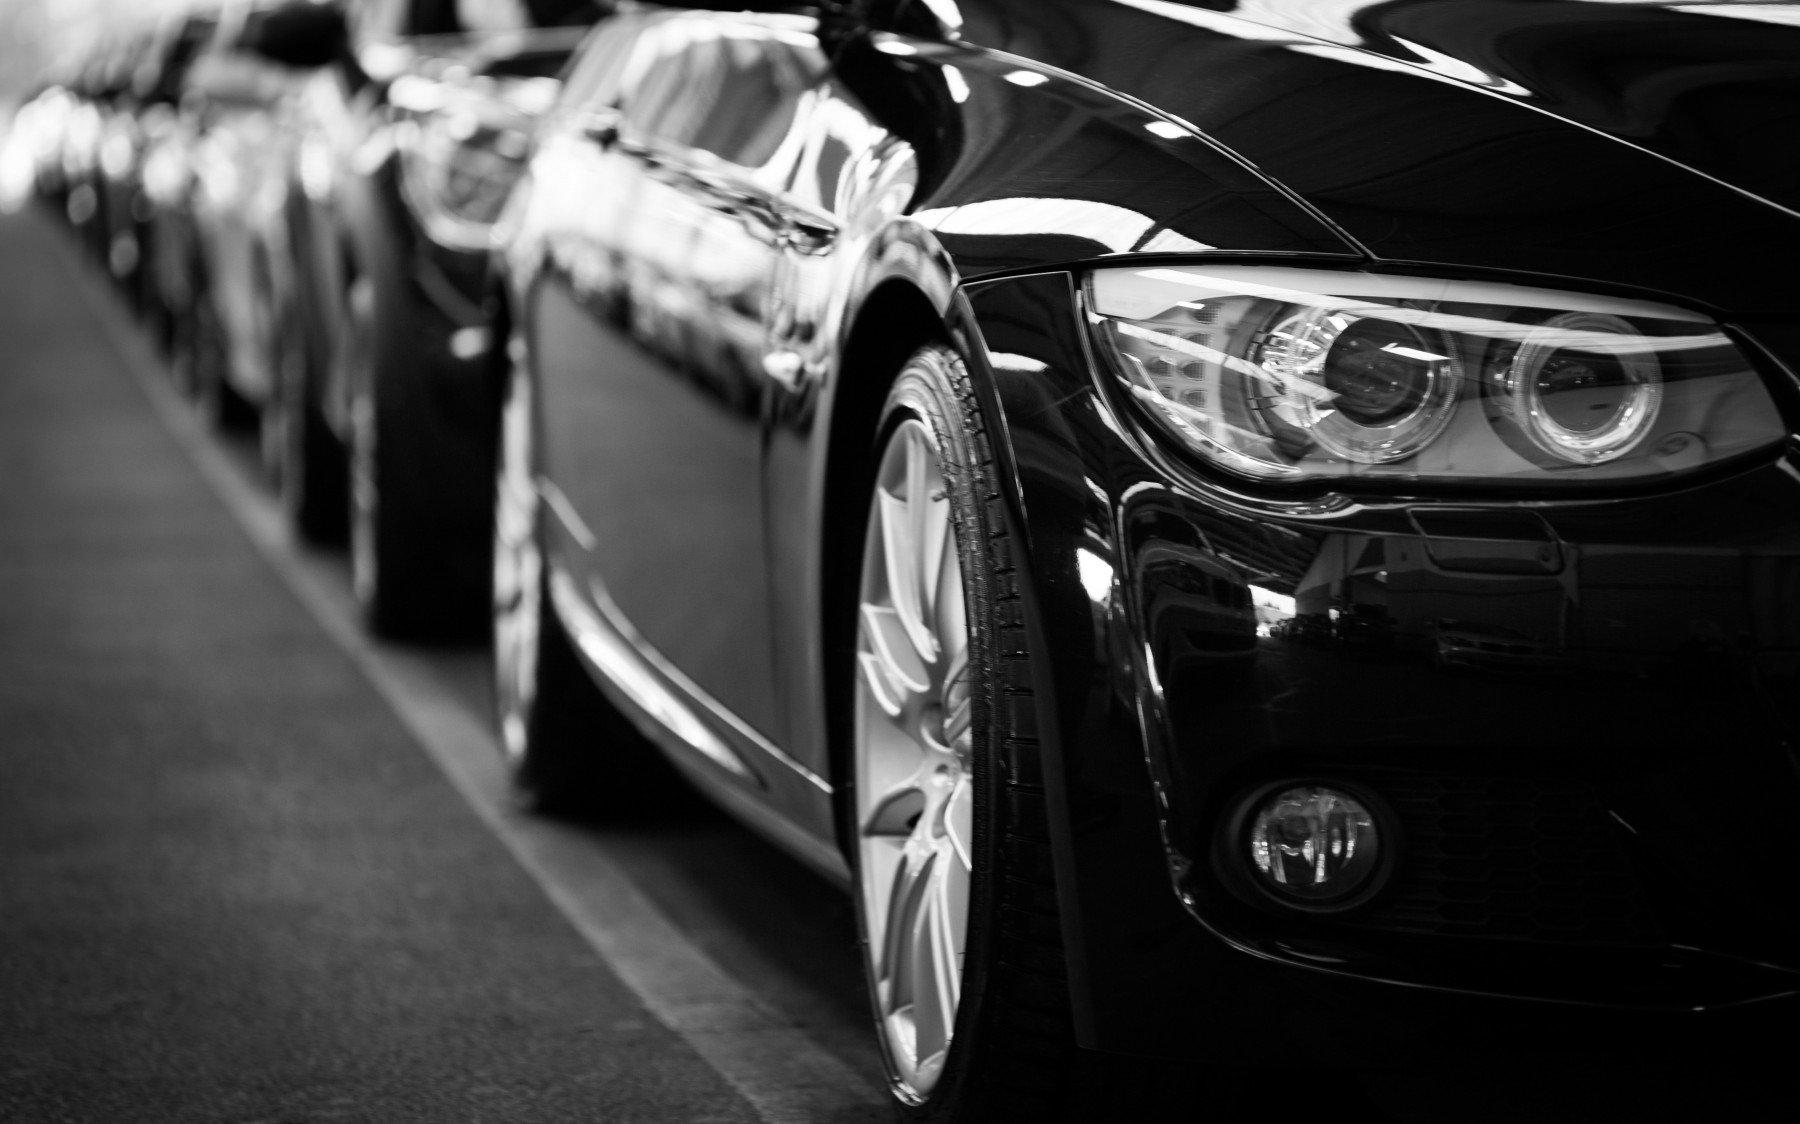 Bilar parkerade på rad